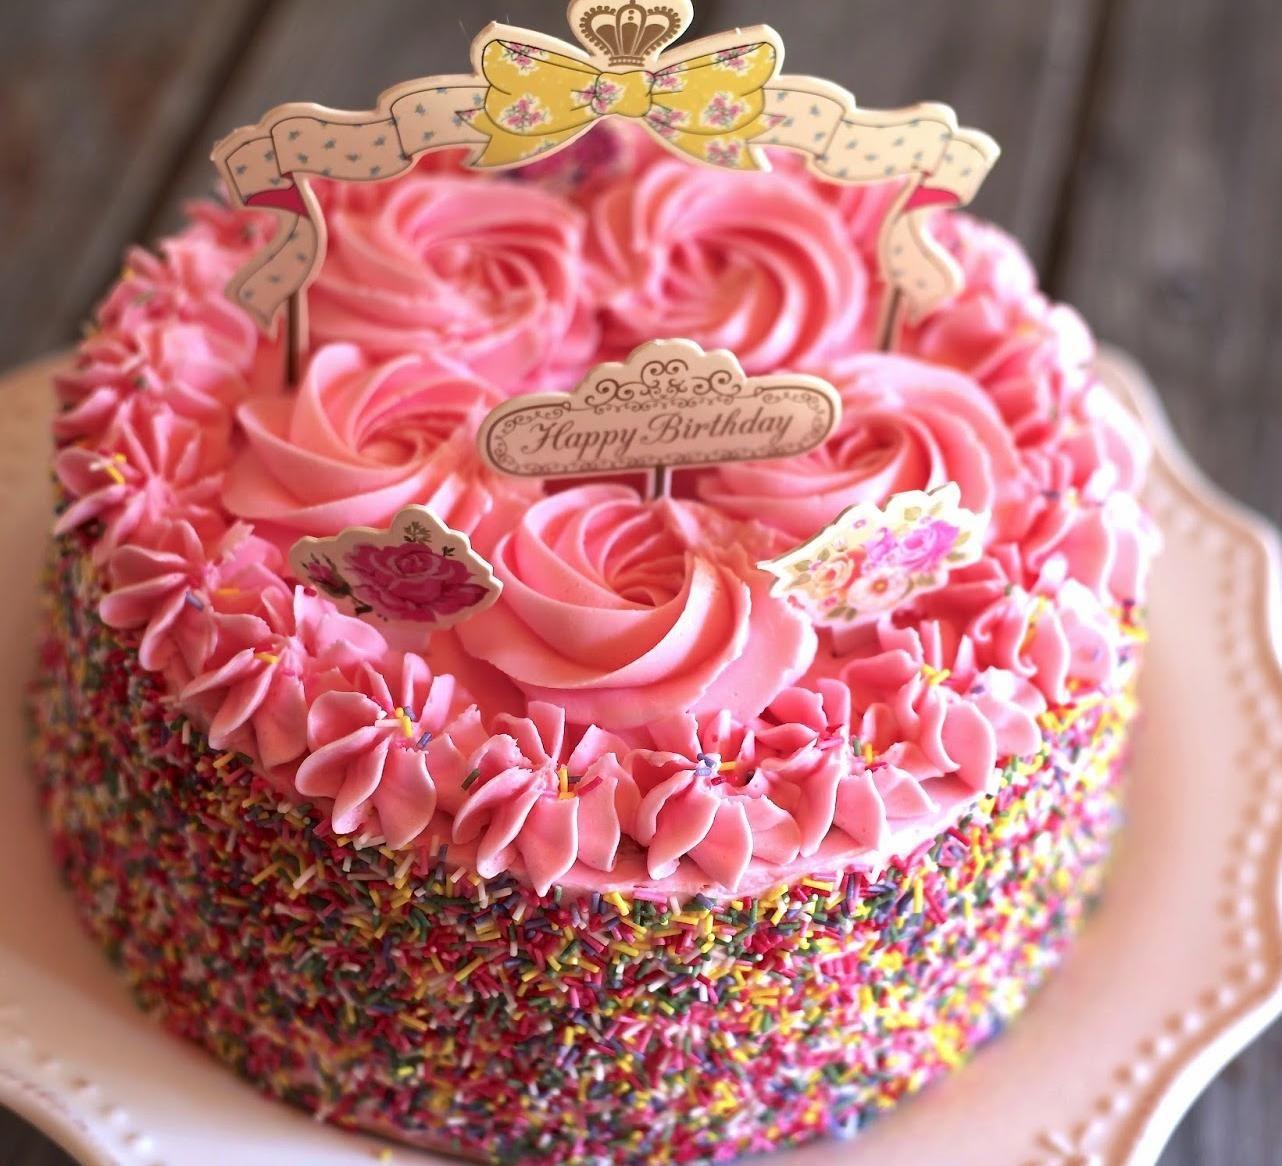 Torte decorate con panna montata Pagina 6 - Fotogallery ...